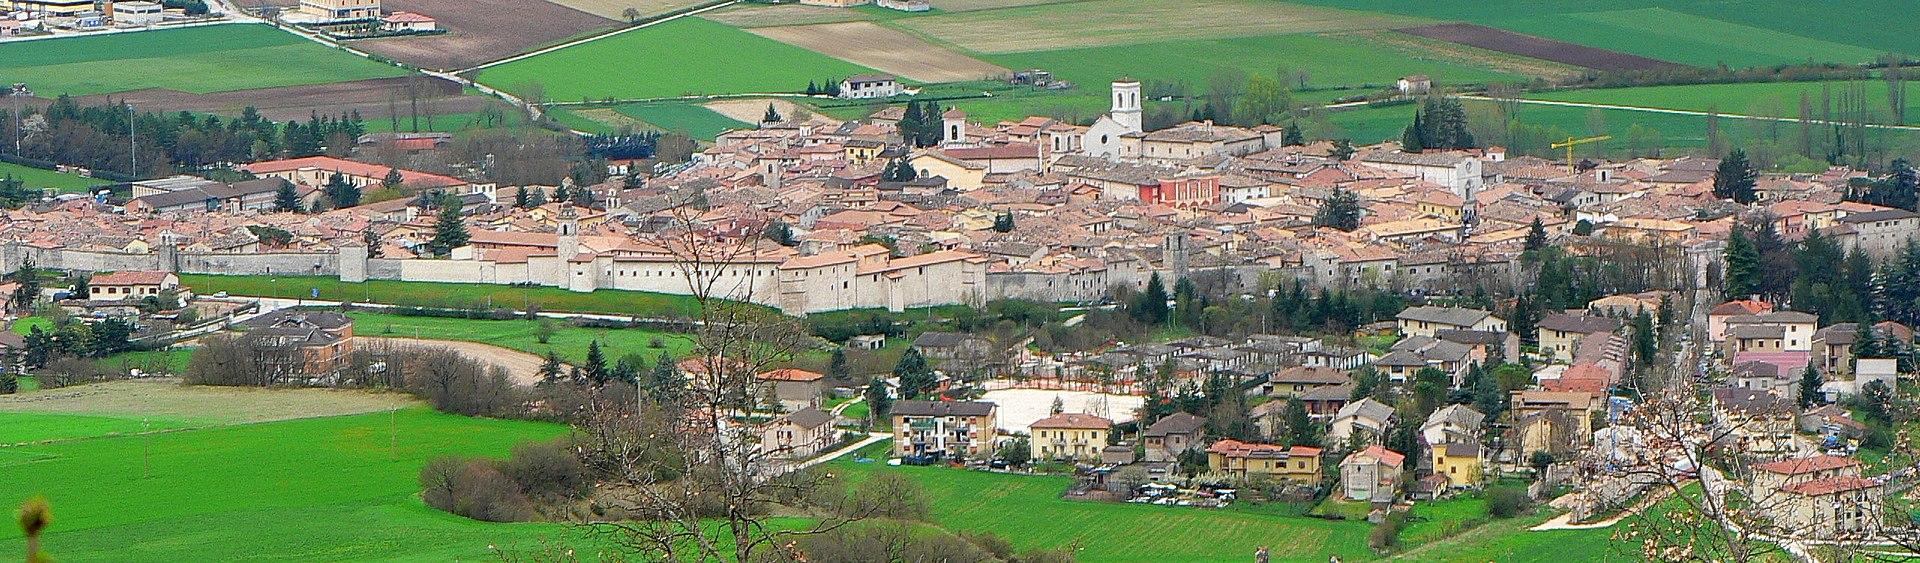 Norcia-panorama.jpg